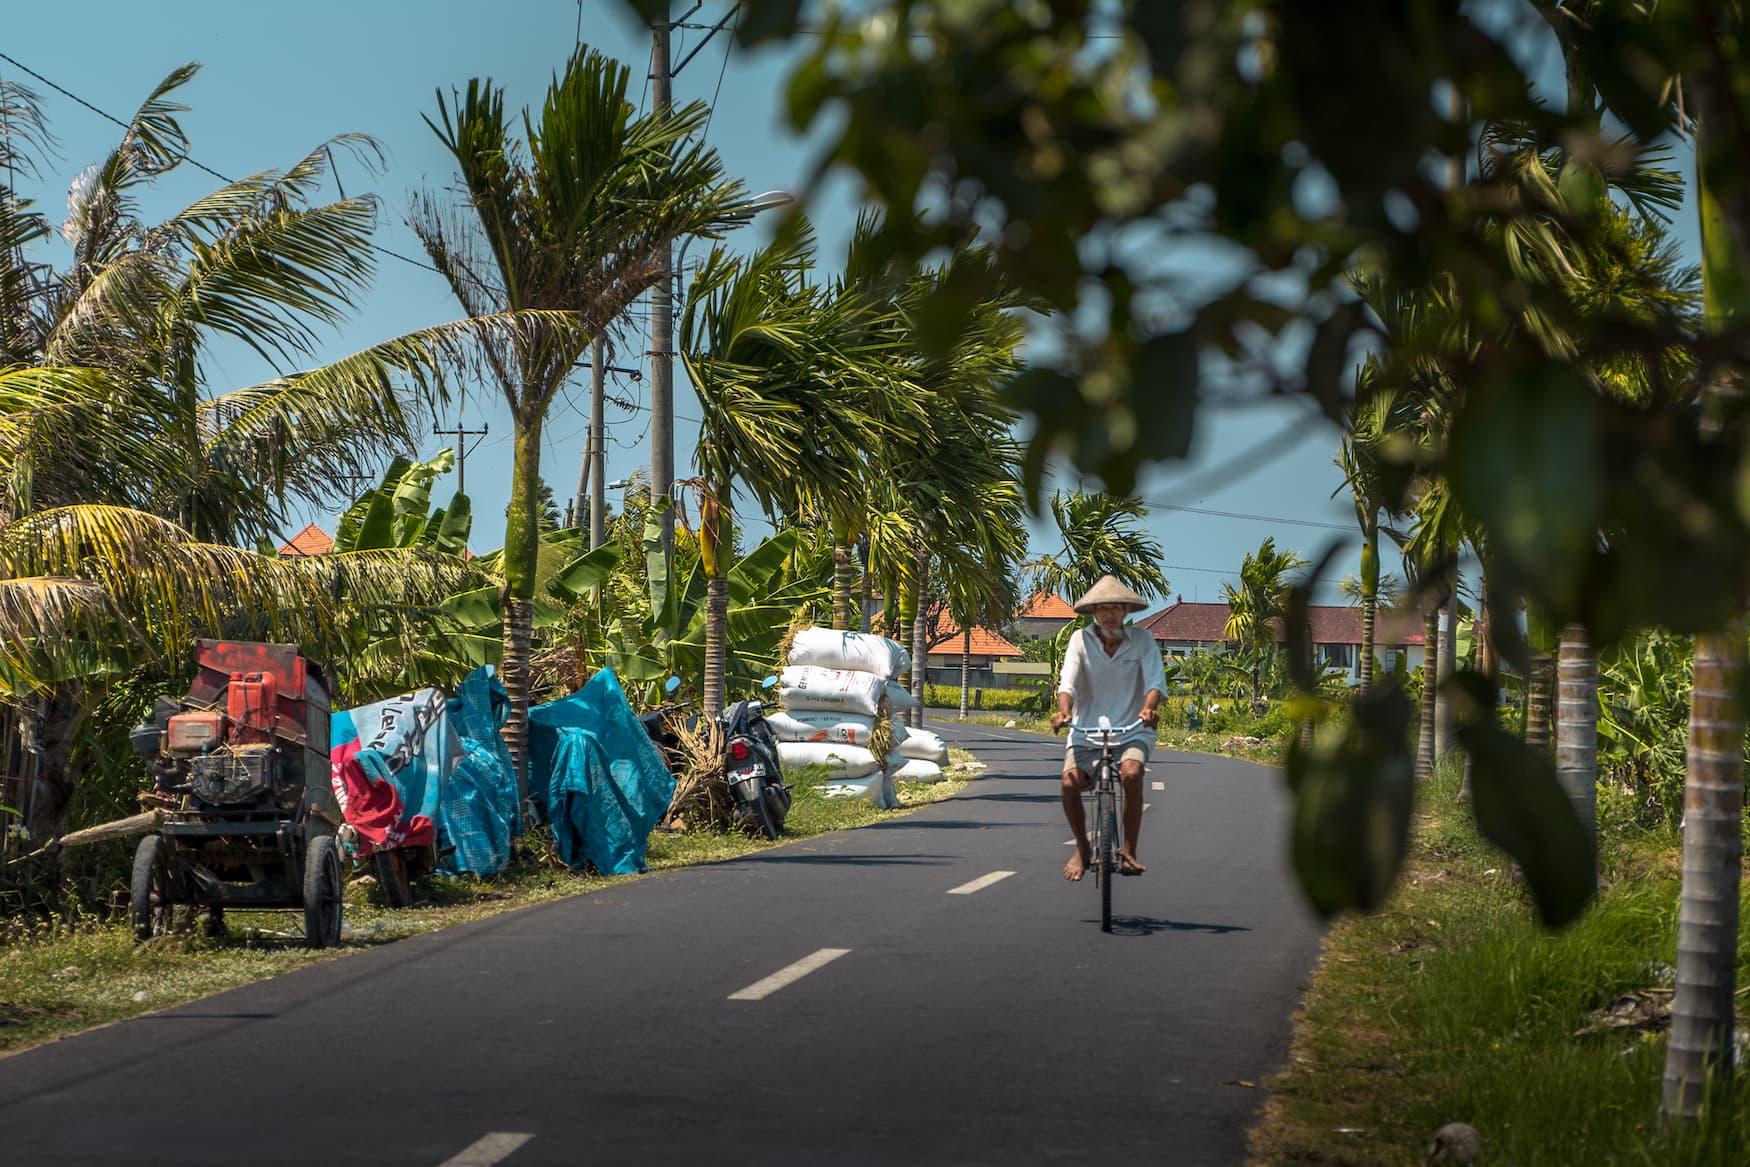 Asiatischer Mann fährt Fahrrad über ruhige Straße auf Bali